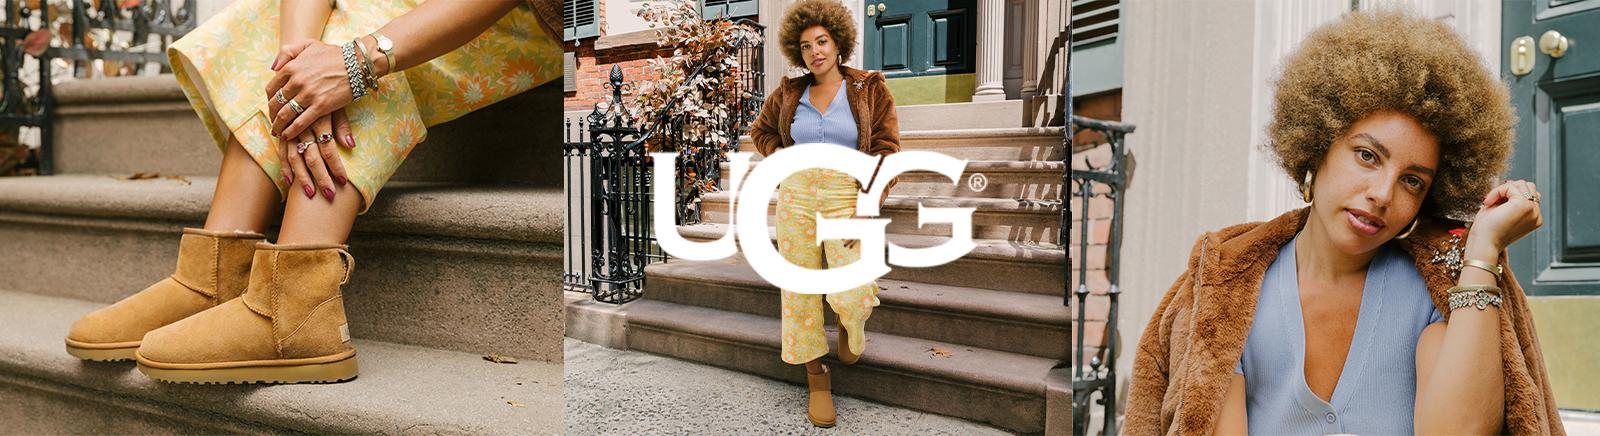 UGG Damen Schuhe kaufen ► bequem online bei Prange